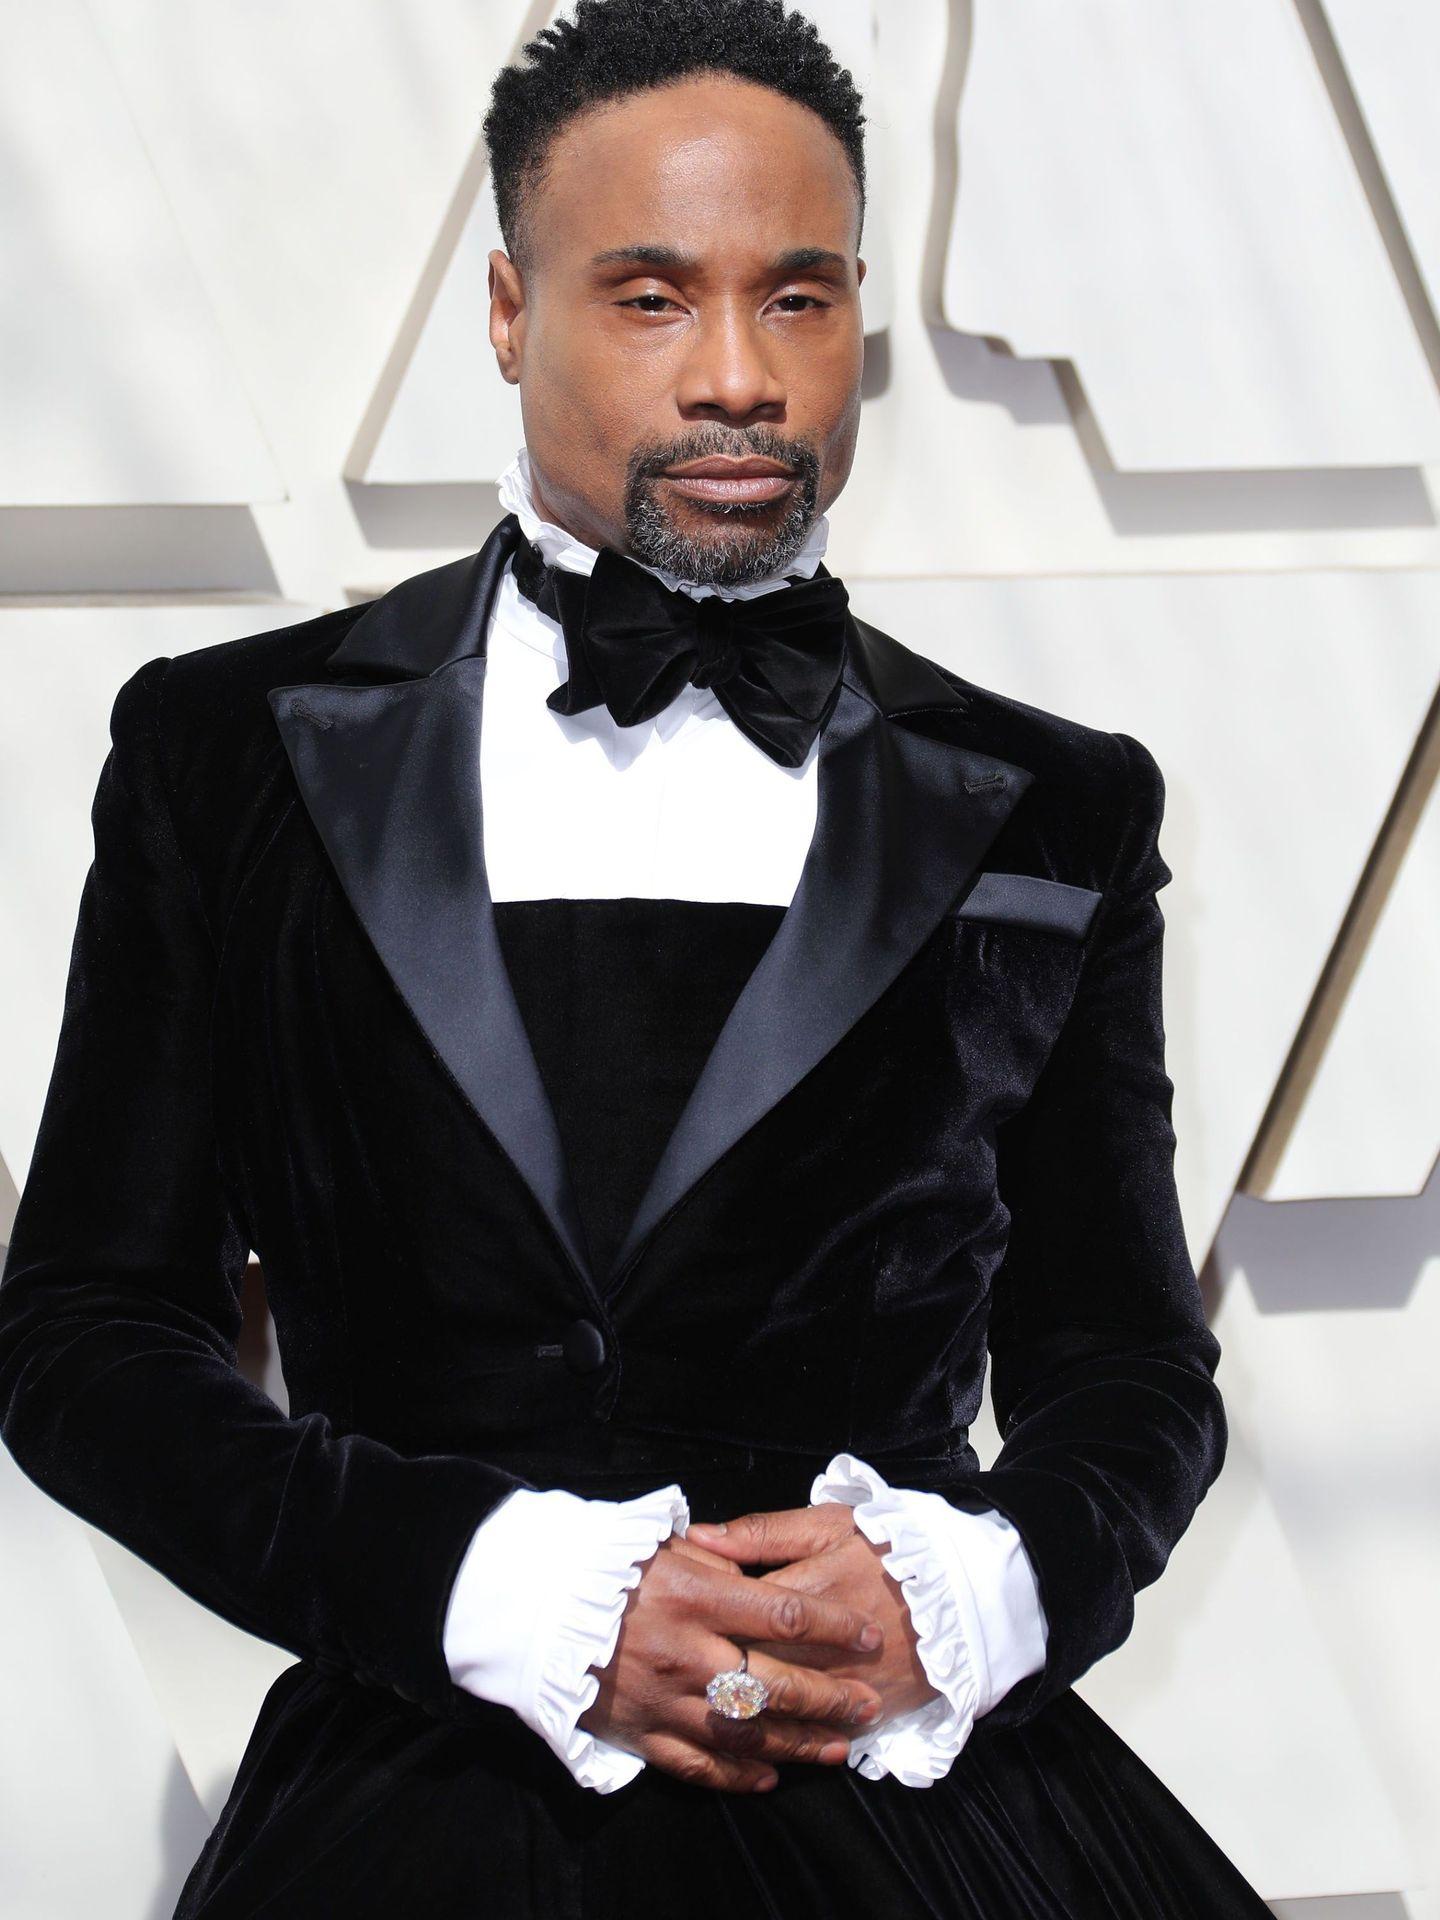 El artista estadounidense posa en la alfombra roja de los Premios Oscar. (Reuters)